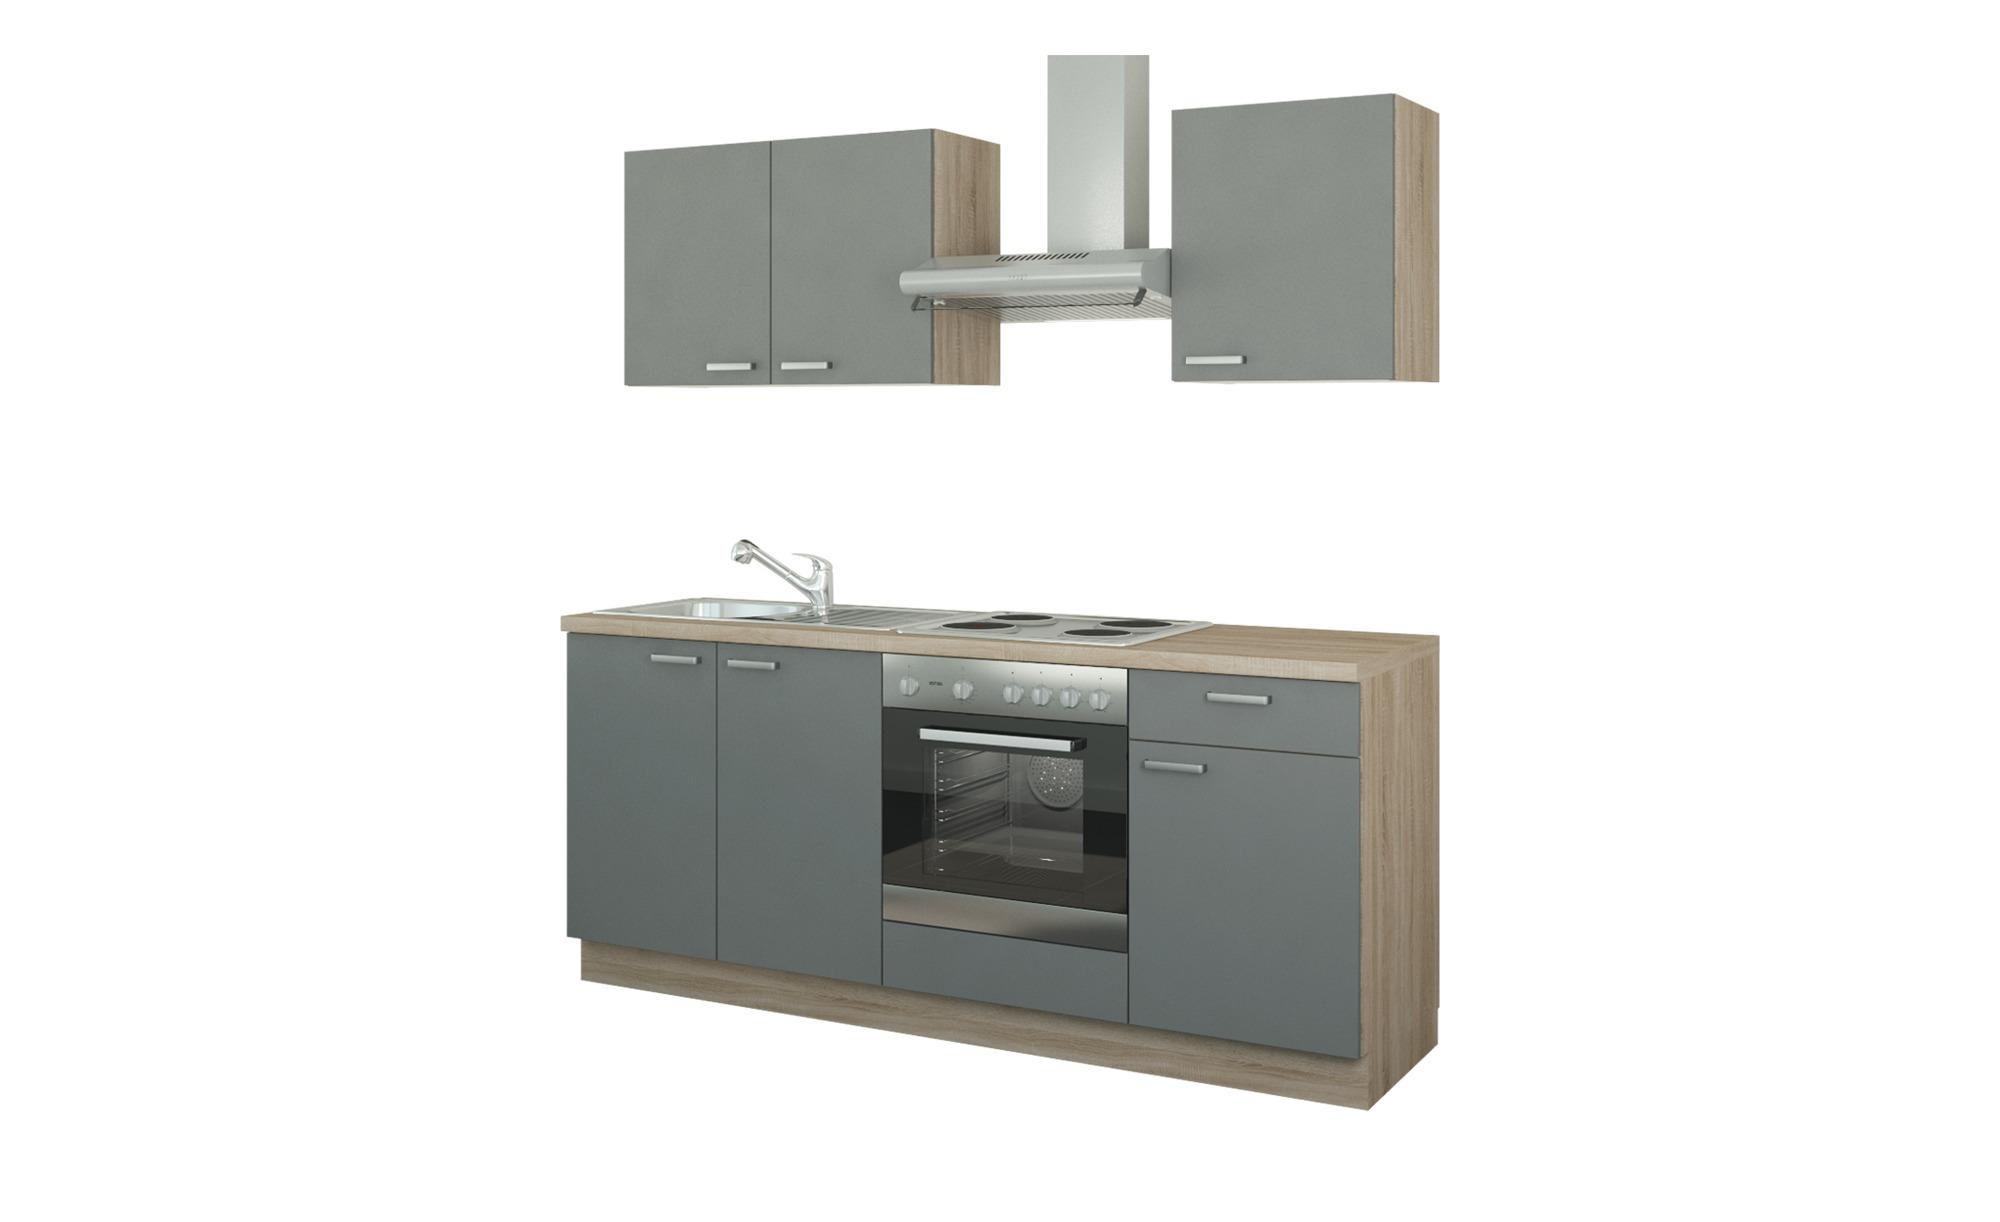 Küchenzeile mit Elektrogeräten  Ahlen ¦ Maße (cm): B: 200 Küchen > Küchenblöcke mit E-Geräten - Höffner